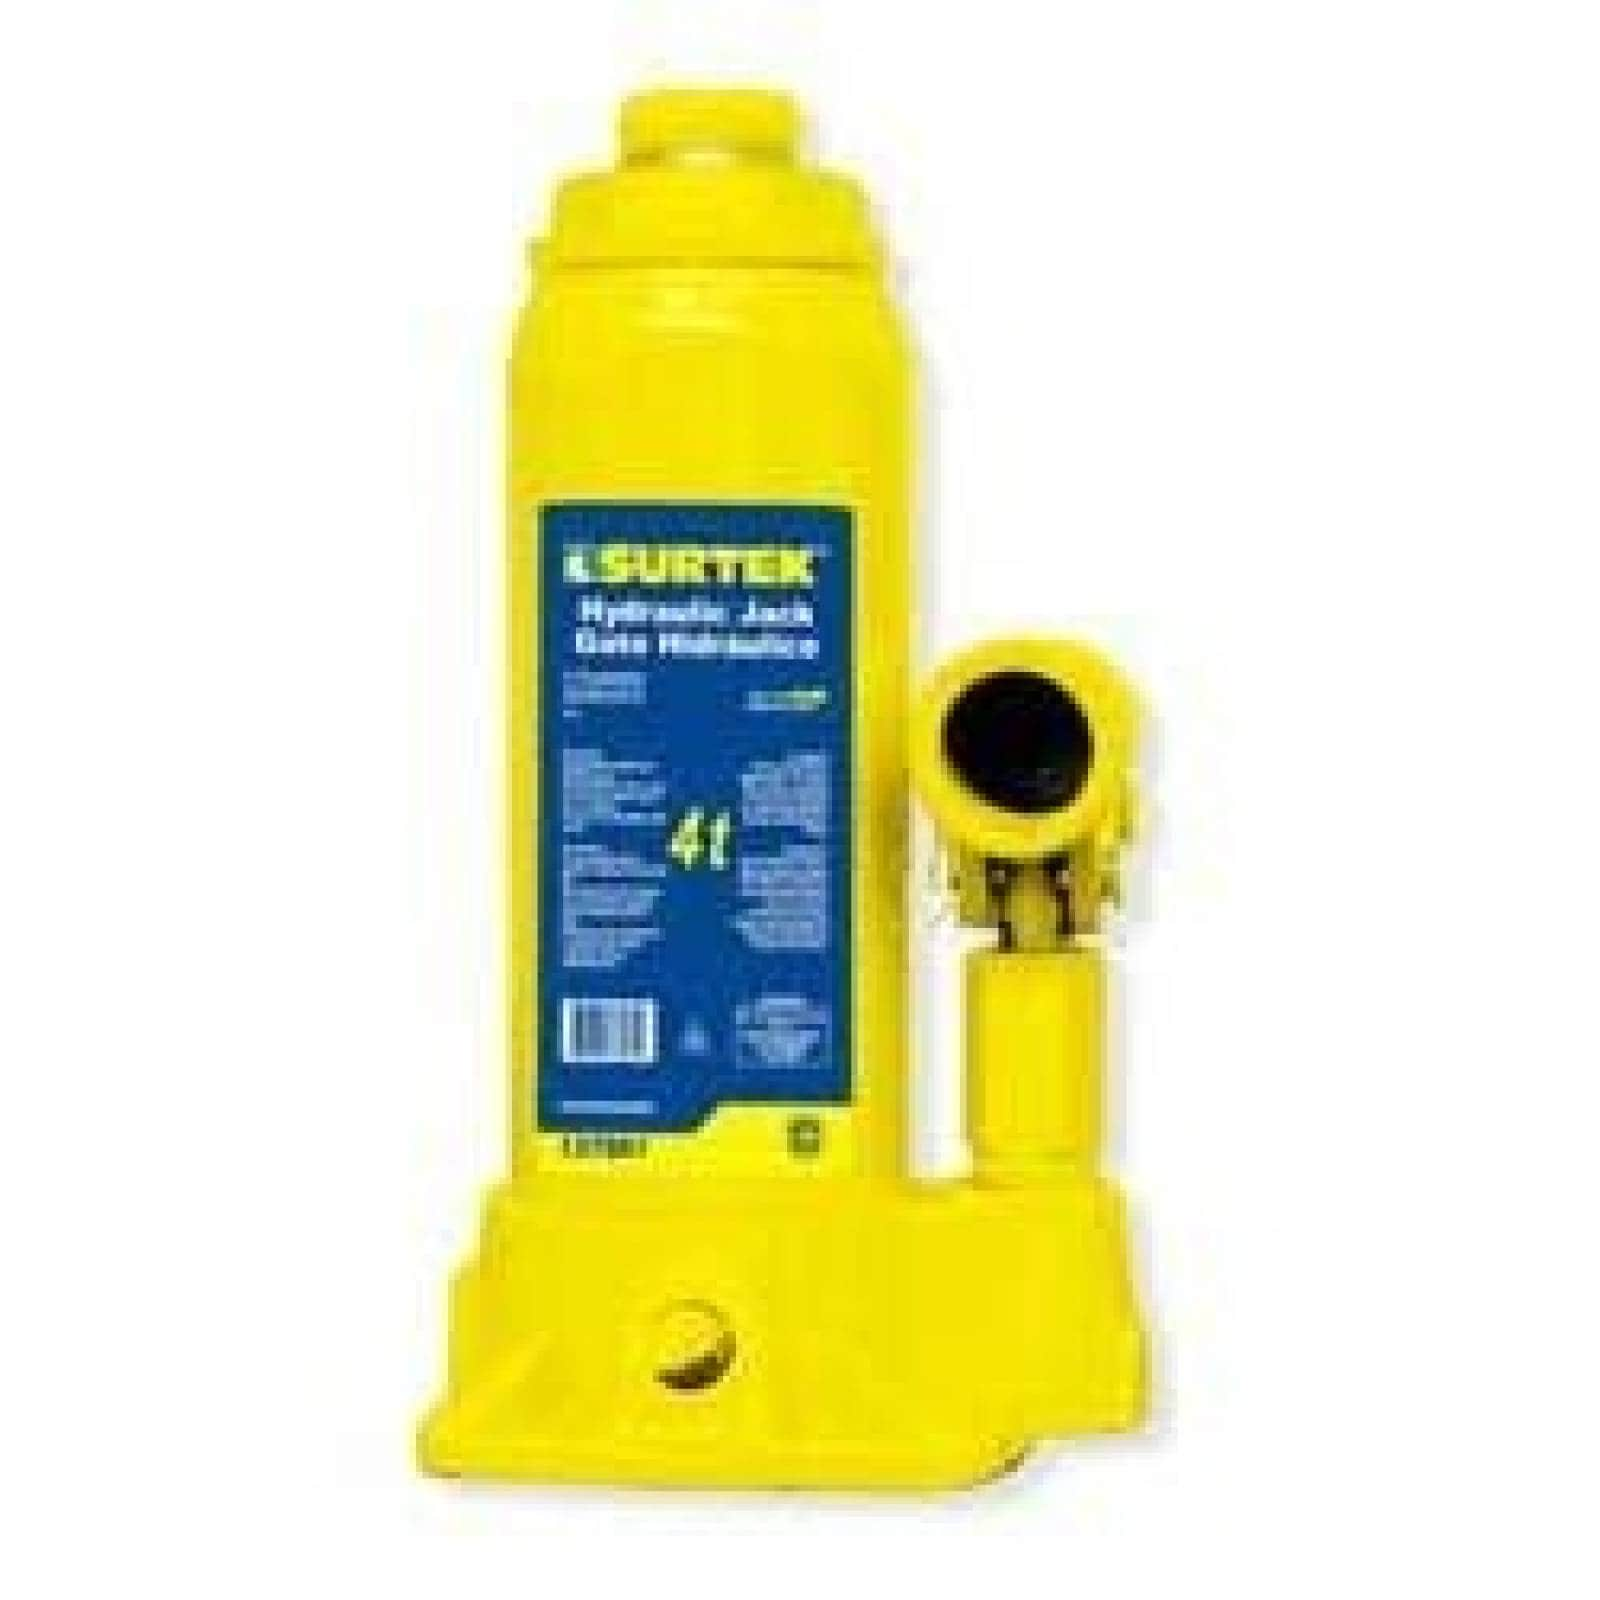 Gato de botella 4ton 137081 Surtek